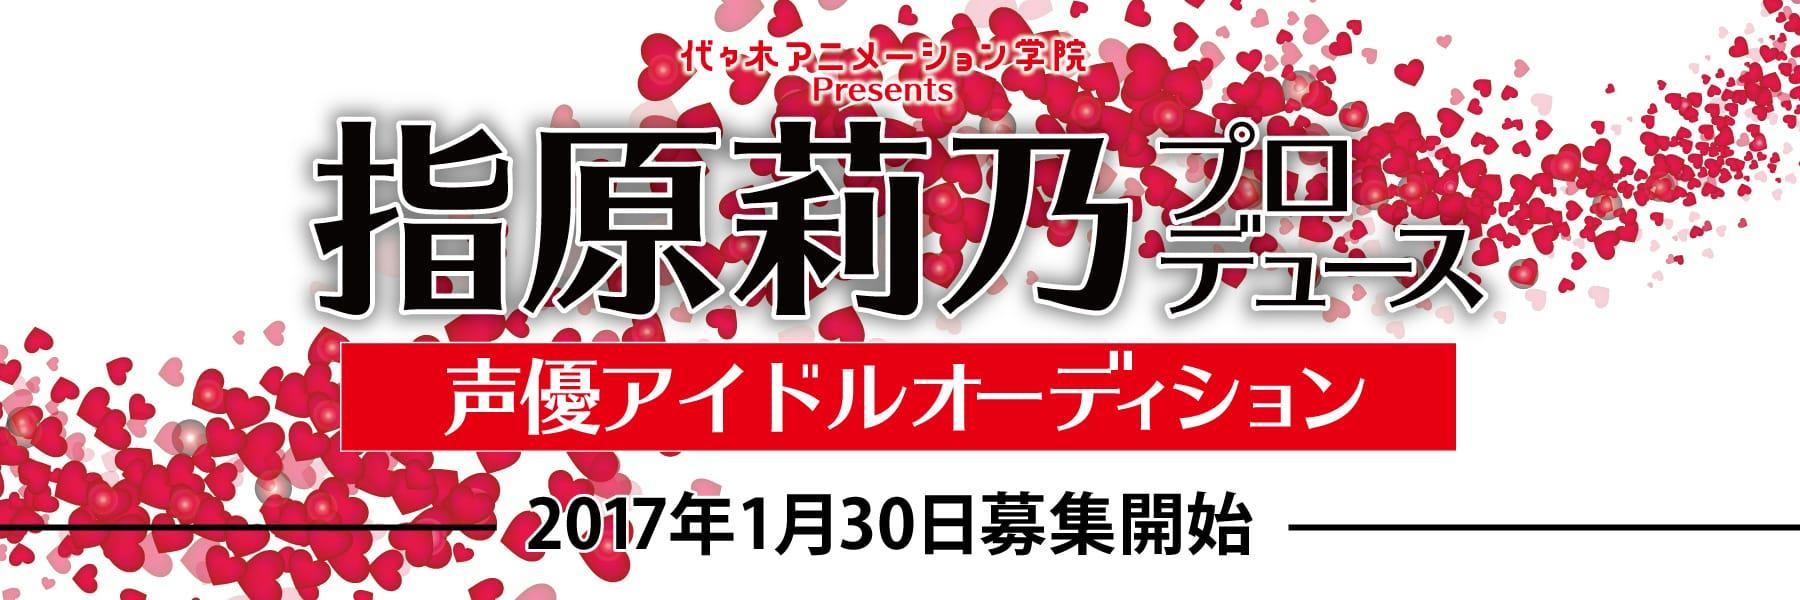 代々木アニメーション学院Presents指原莉乃声優アイドルオーディション